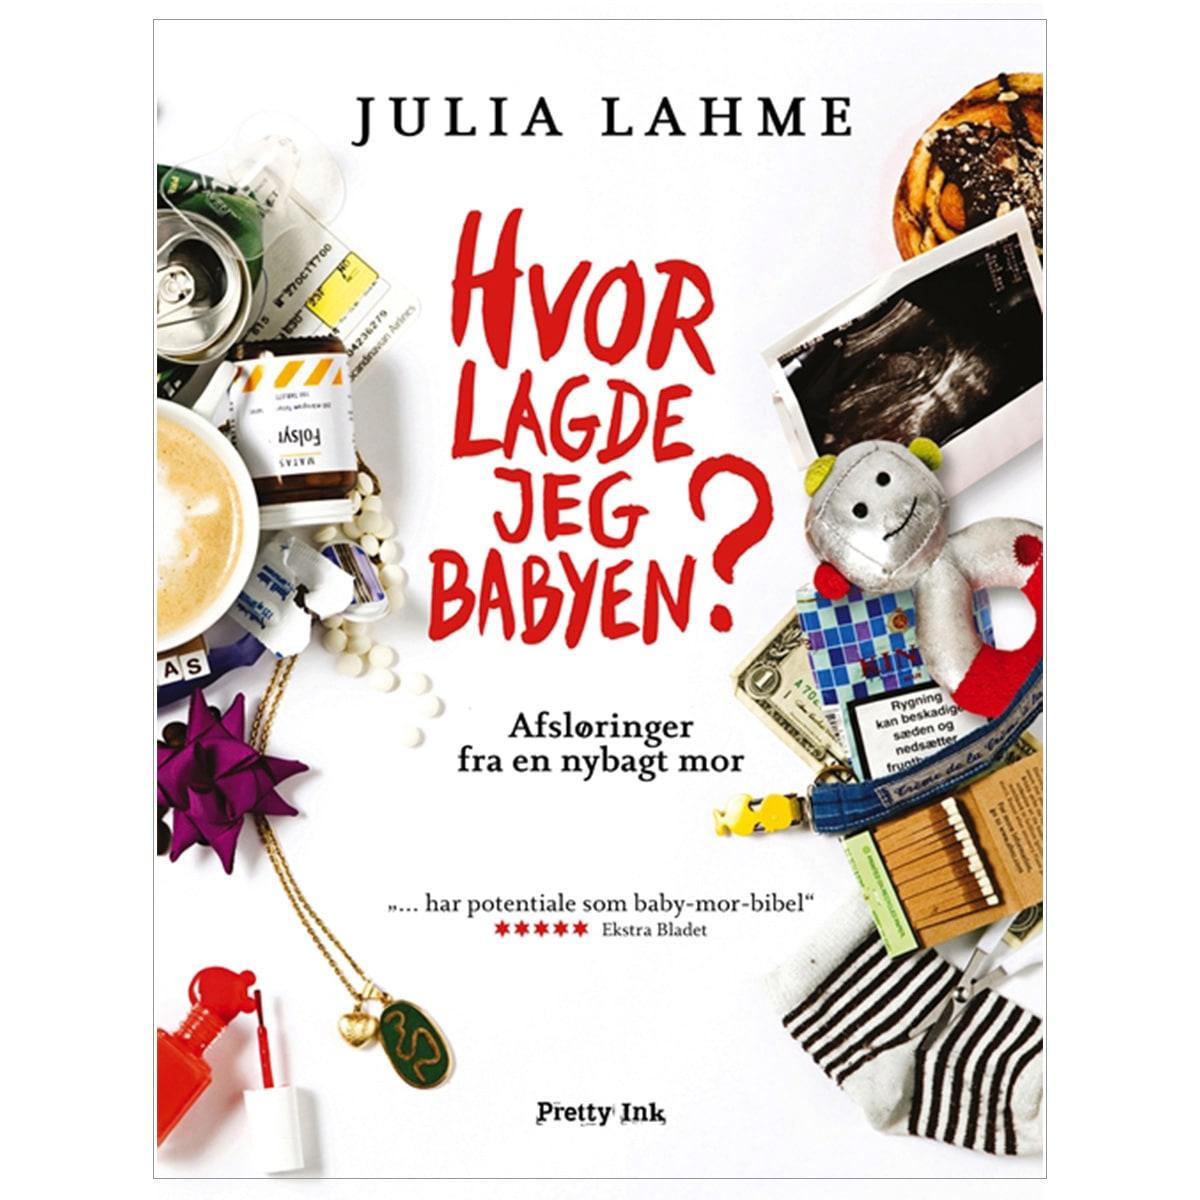 Af Julia Lahme